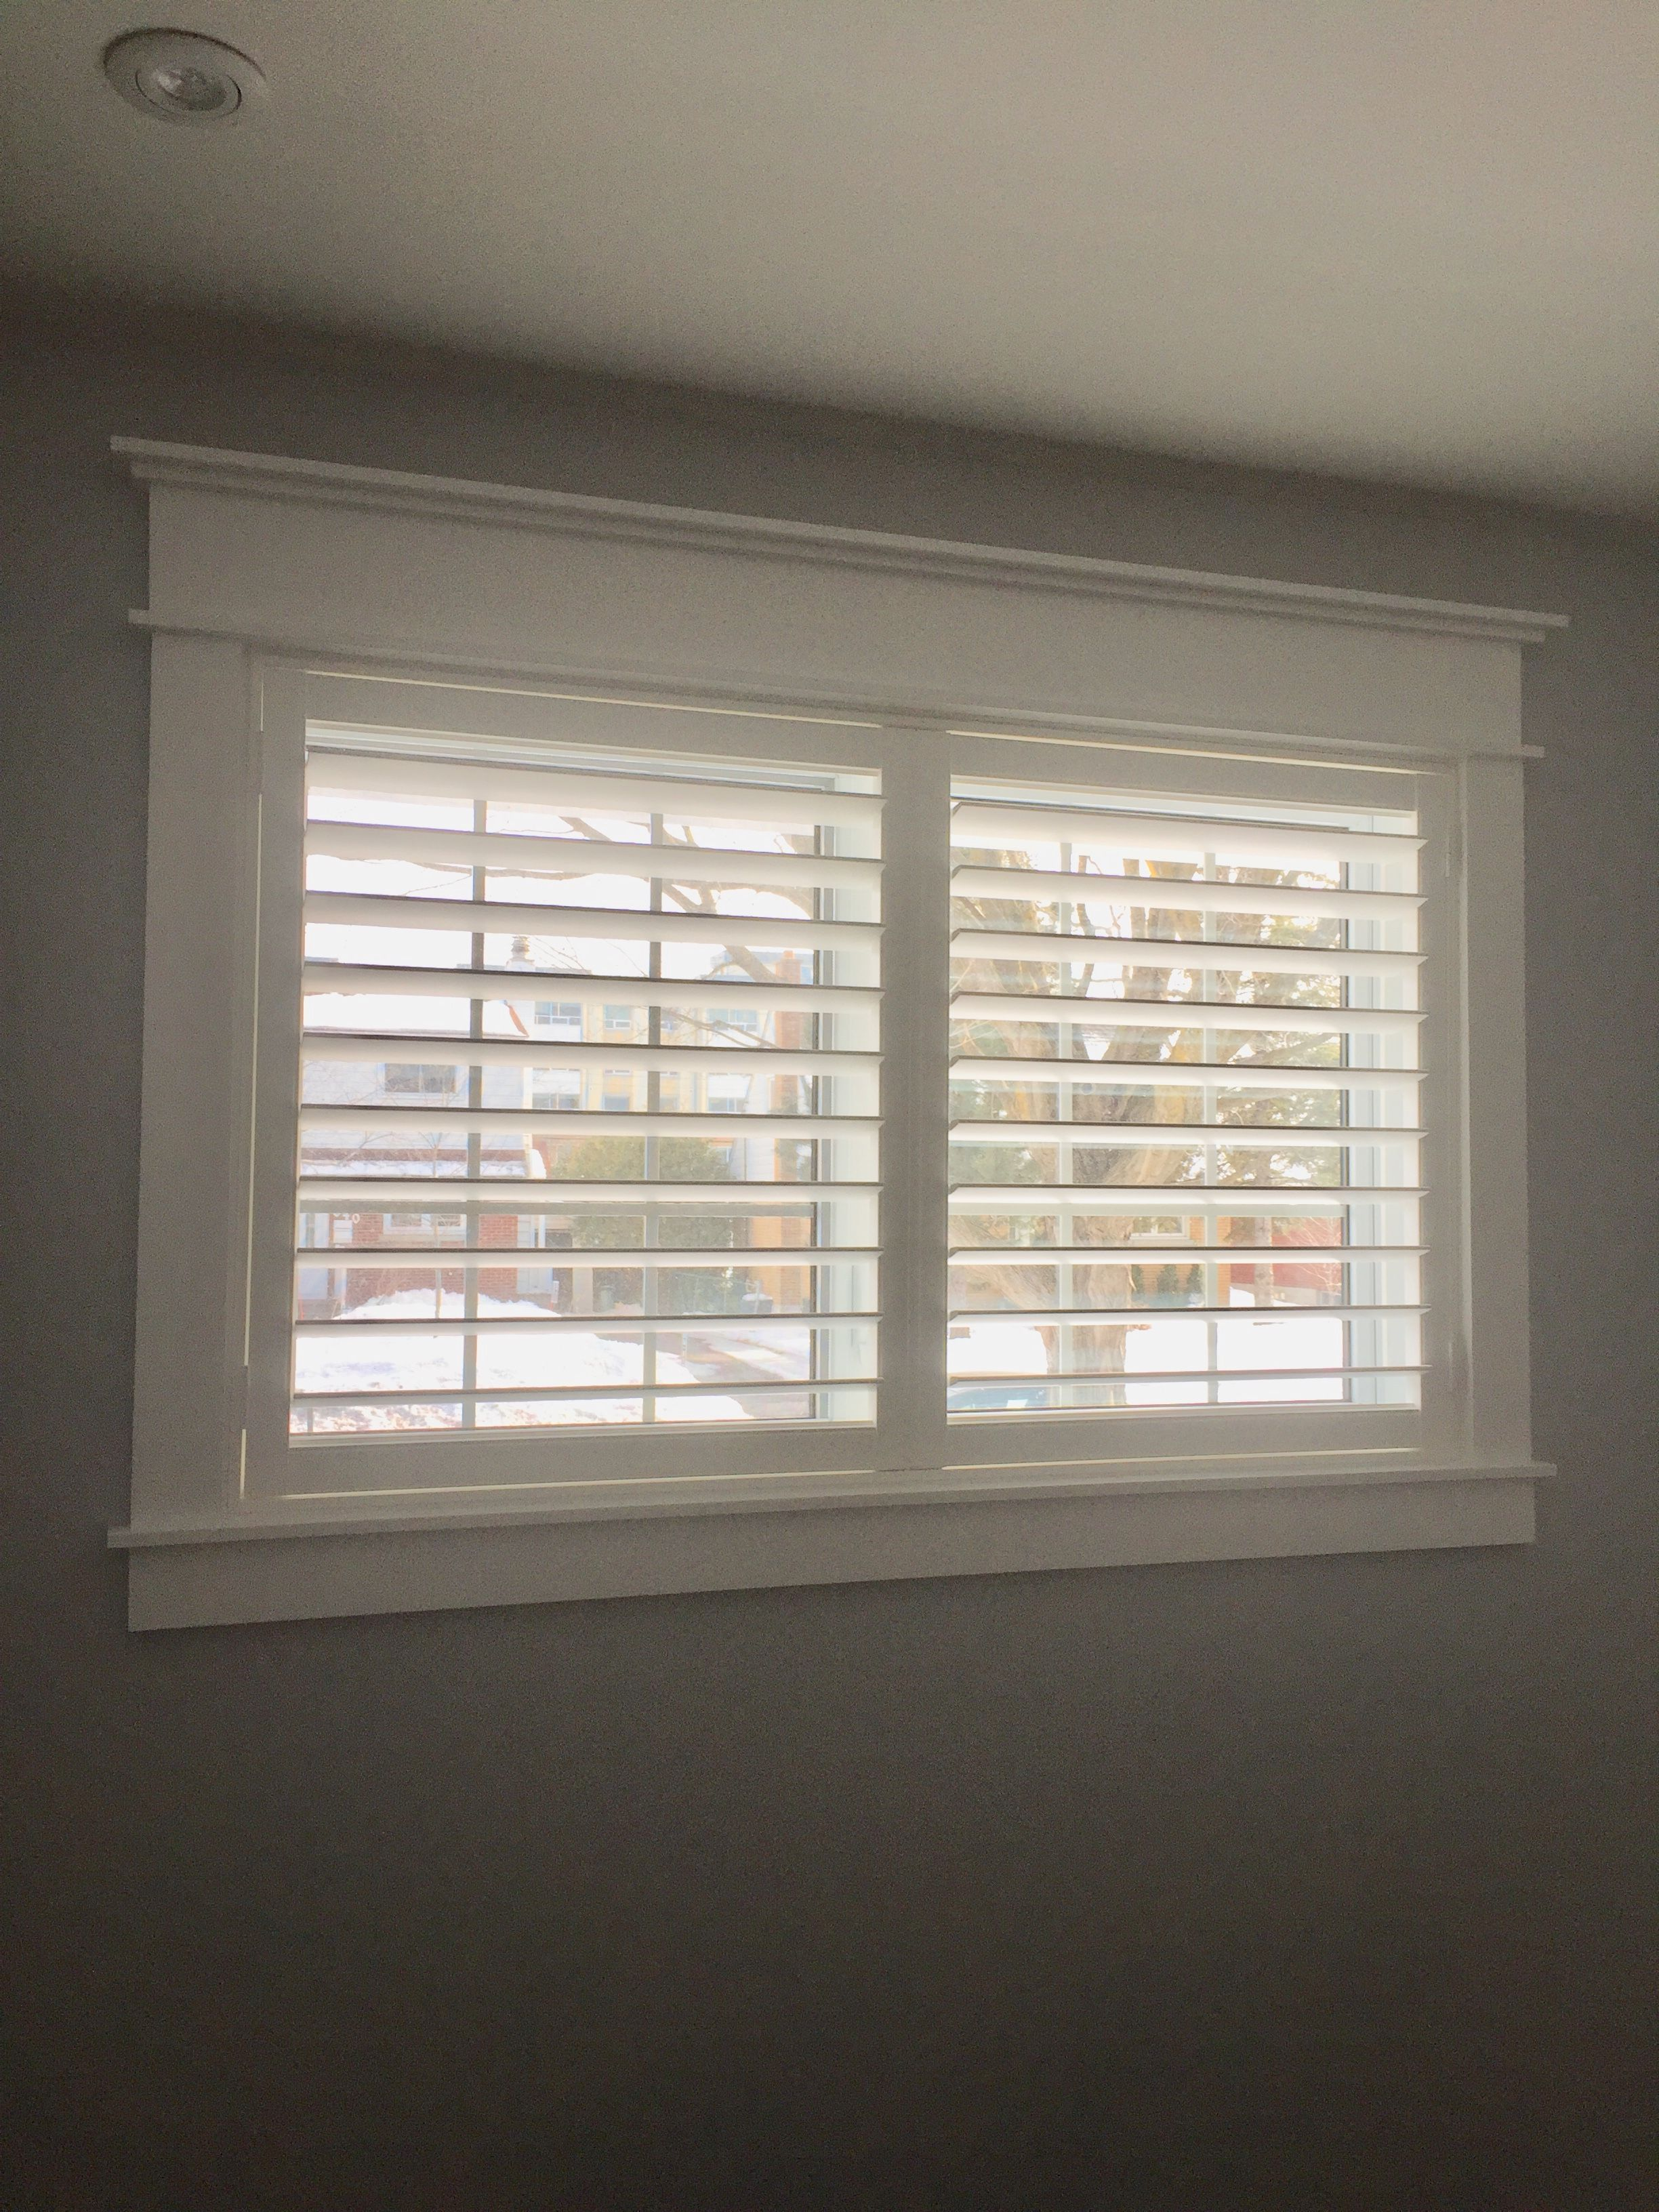 Diy Modern Craftsman Window Trim And Eclipse Shutters Craftsman